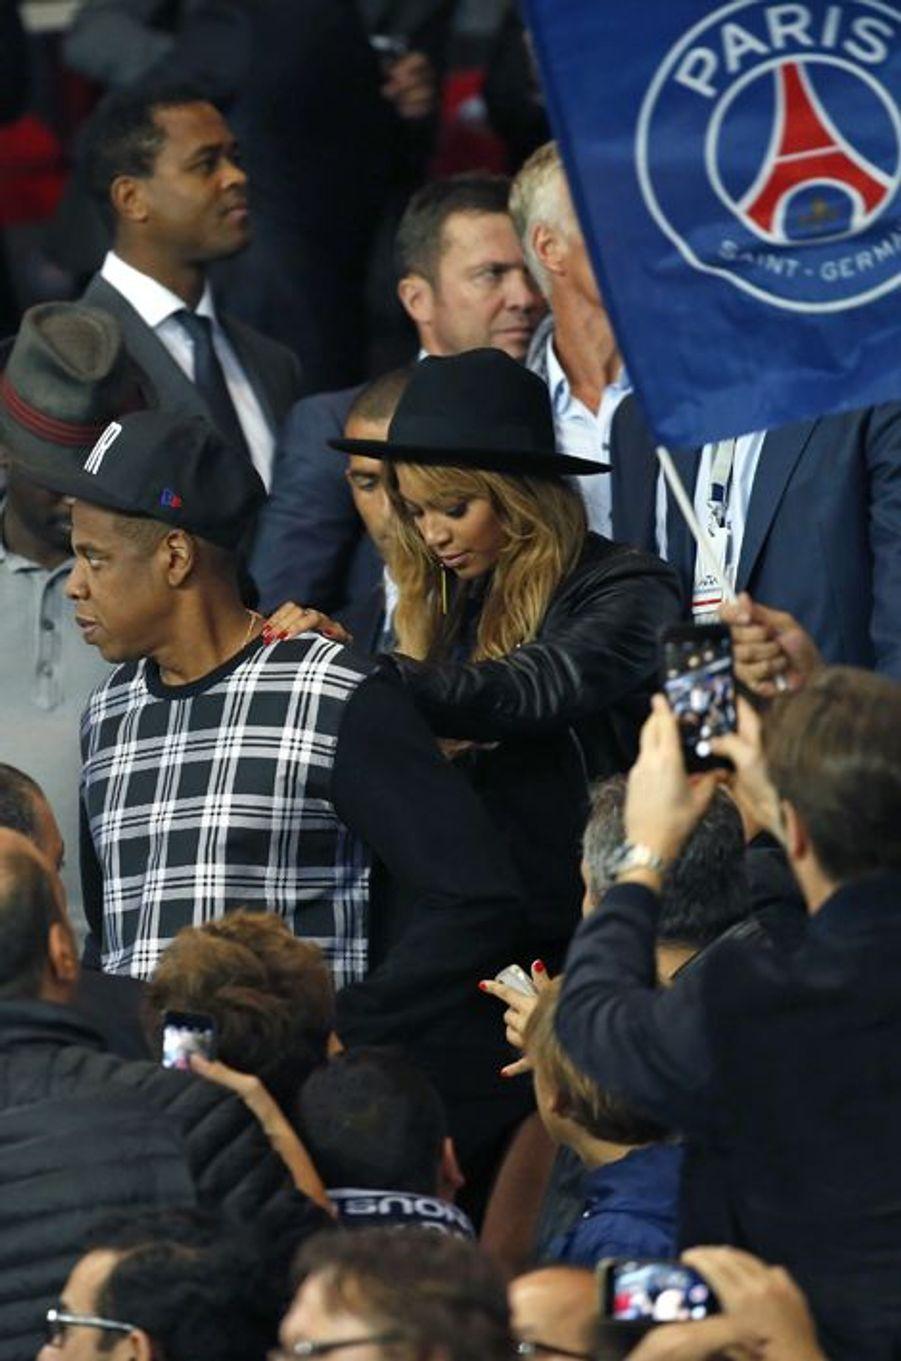 Jay Z et Beyoncé au Parc des Princes pour le match PSG-Barcelone